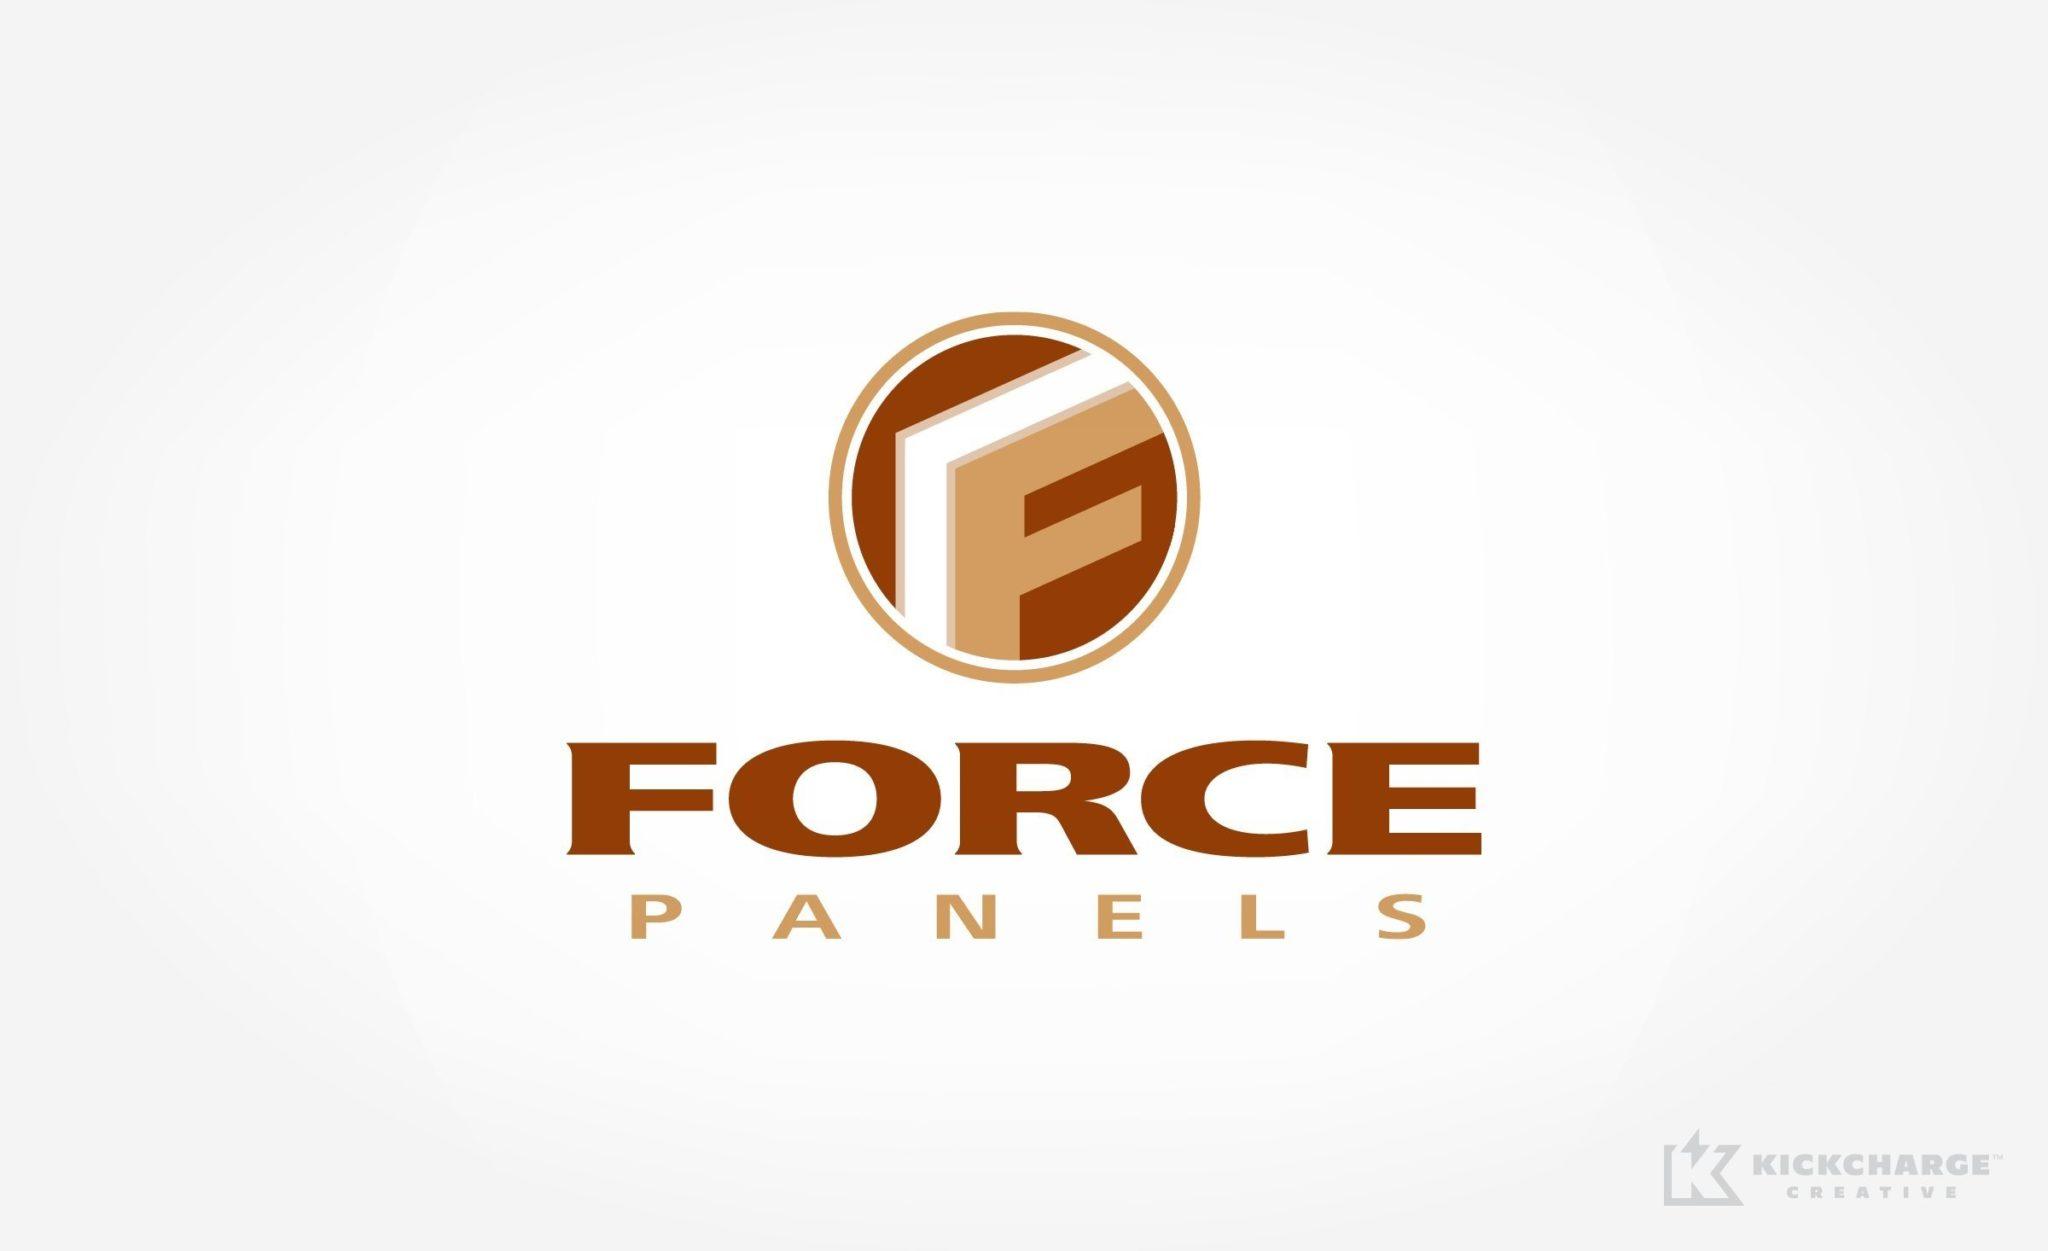 Force Panels